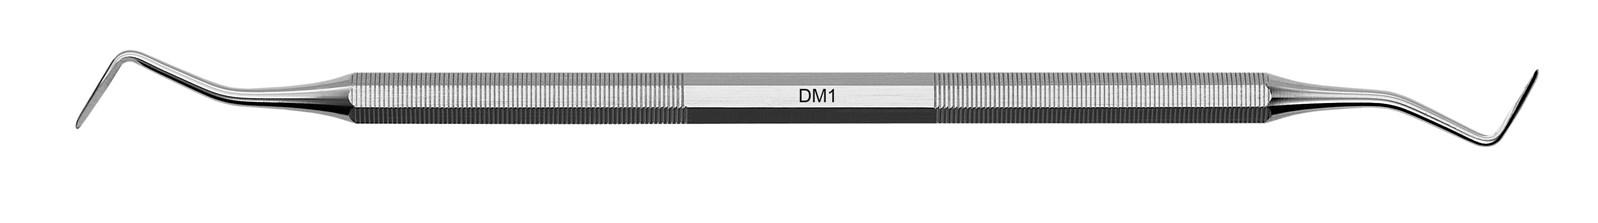 Lžičkové dlátko - DM1, ADEP světle modrý